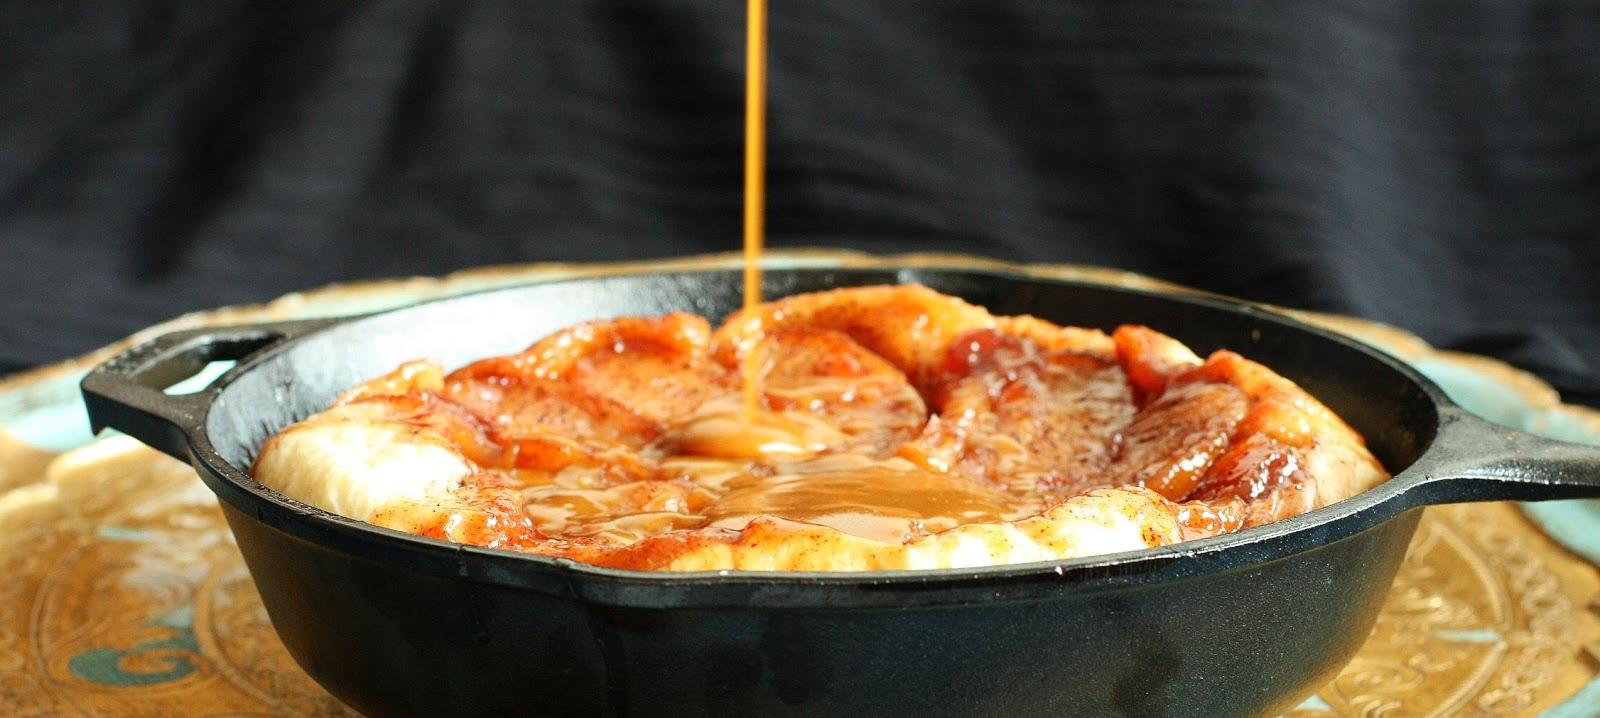 tarte tatin omenatorttu ranskalainen suolakaramellikastike